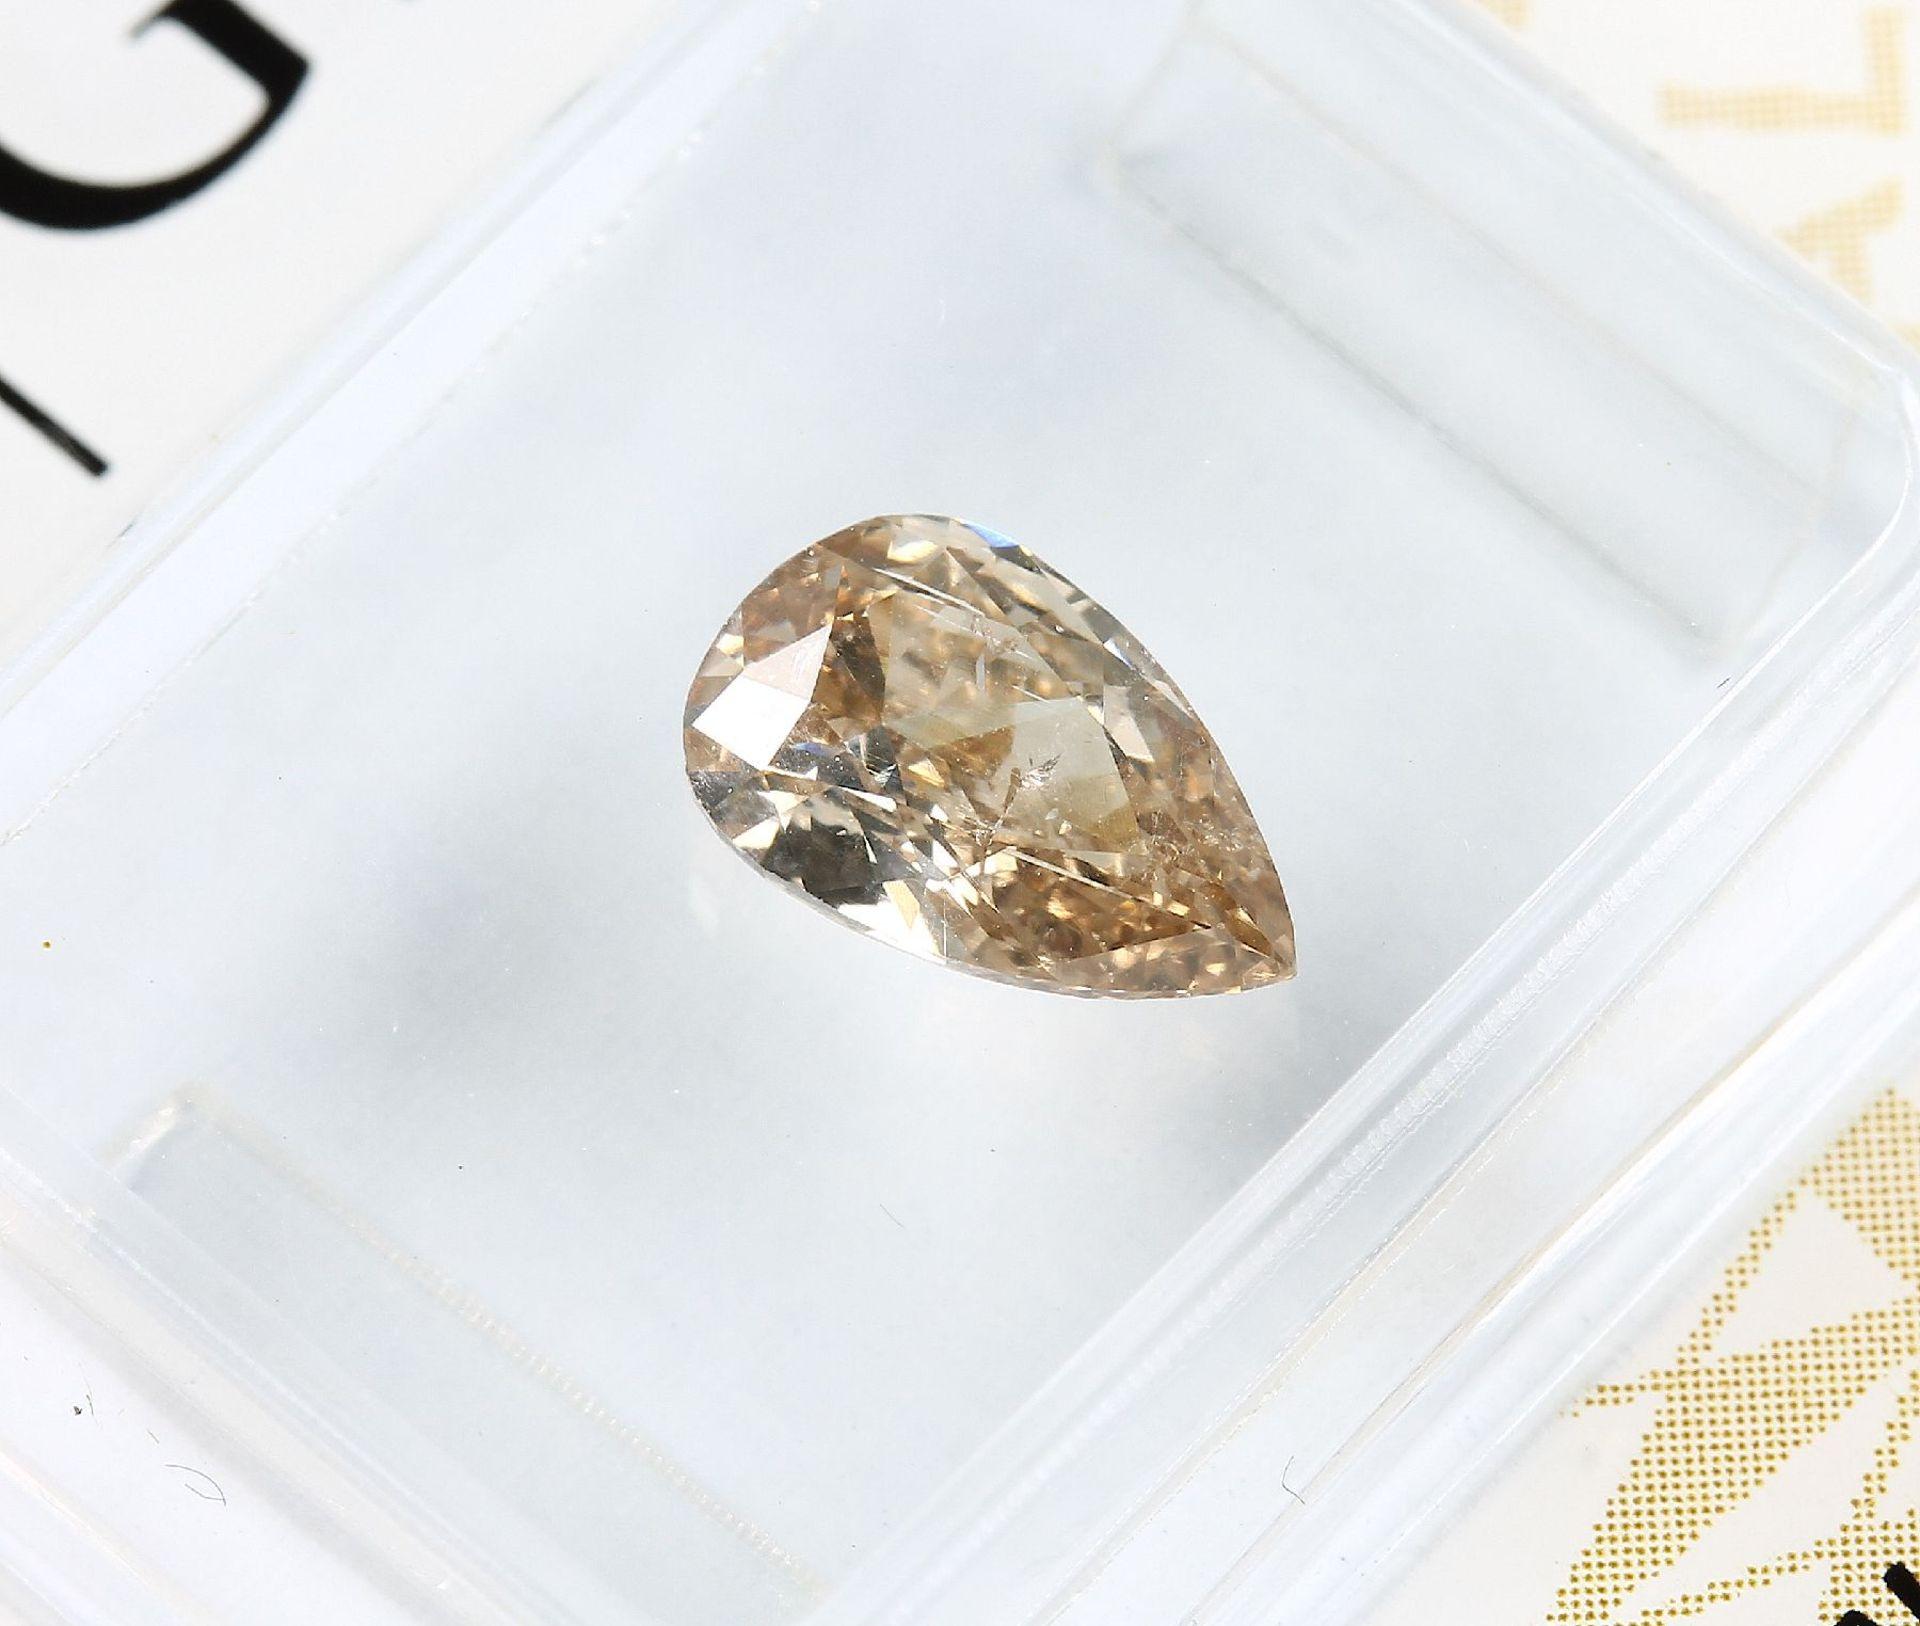 Loser Diamant, 0.81 ct Natural fancy Yellow-Brown, tropfenf. facett., verschweißt, mit GIA-Expertise - Bild 2 aus 4